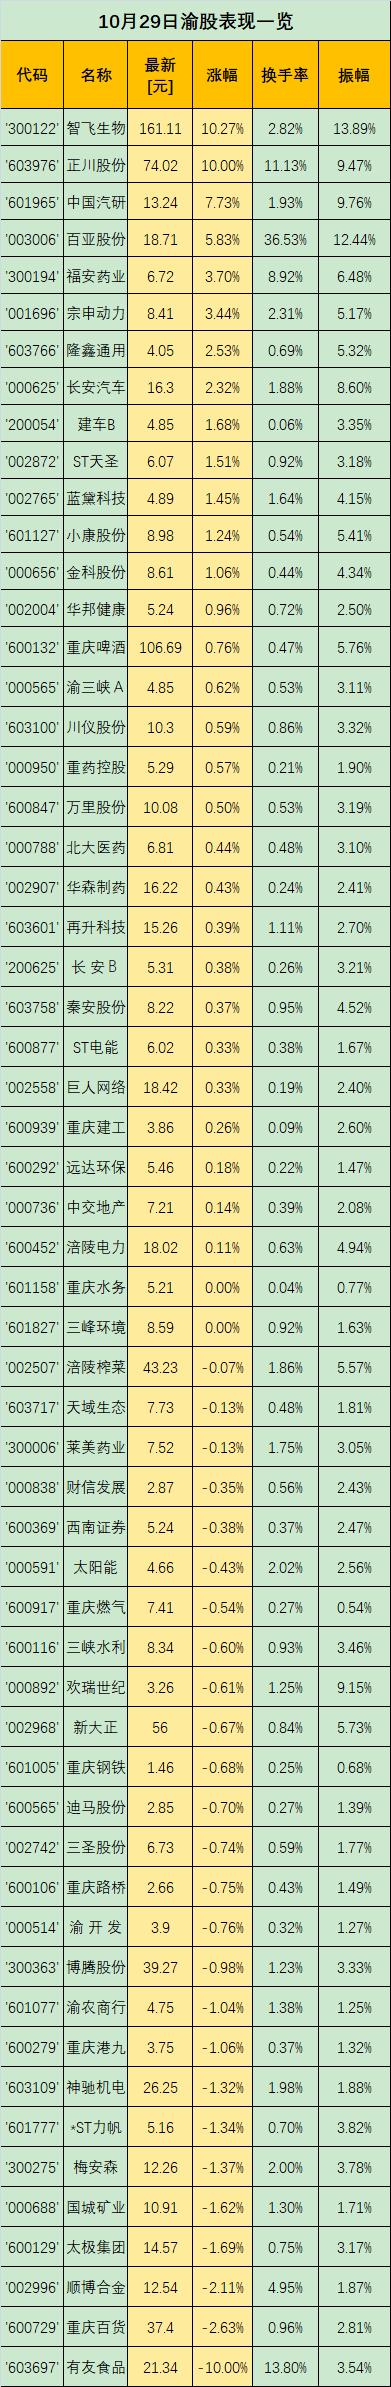 渝股点金 | 华龙证券罗涛:智飞生物涨超10%!短线及中线这样操作...